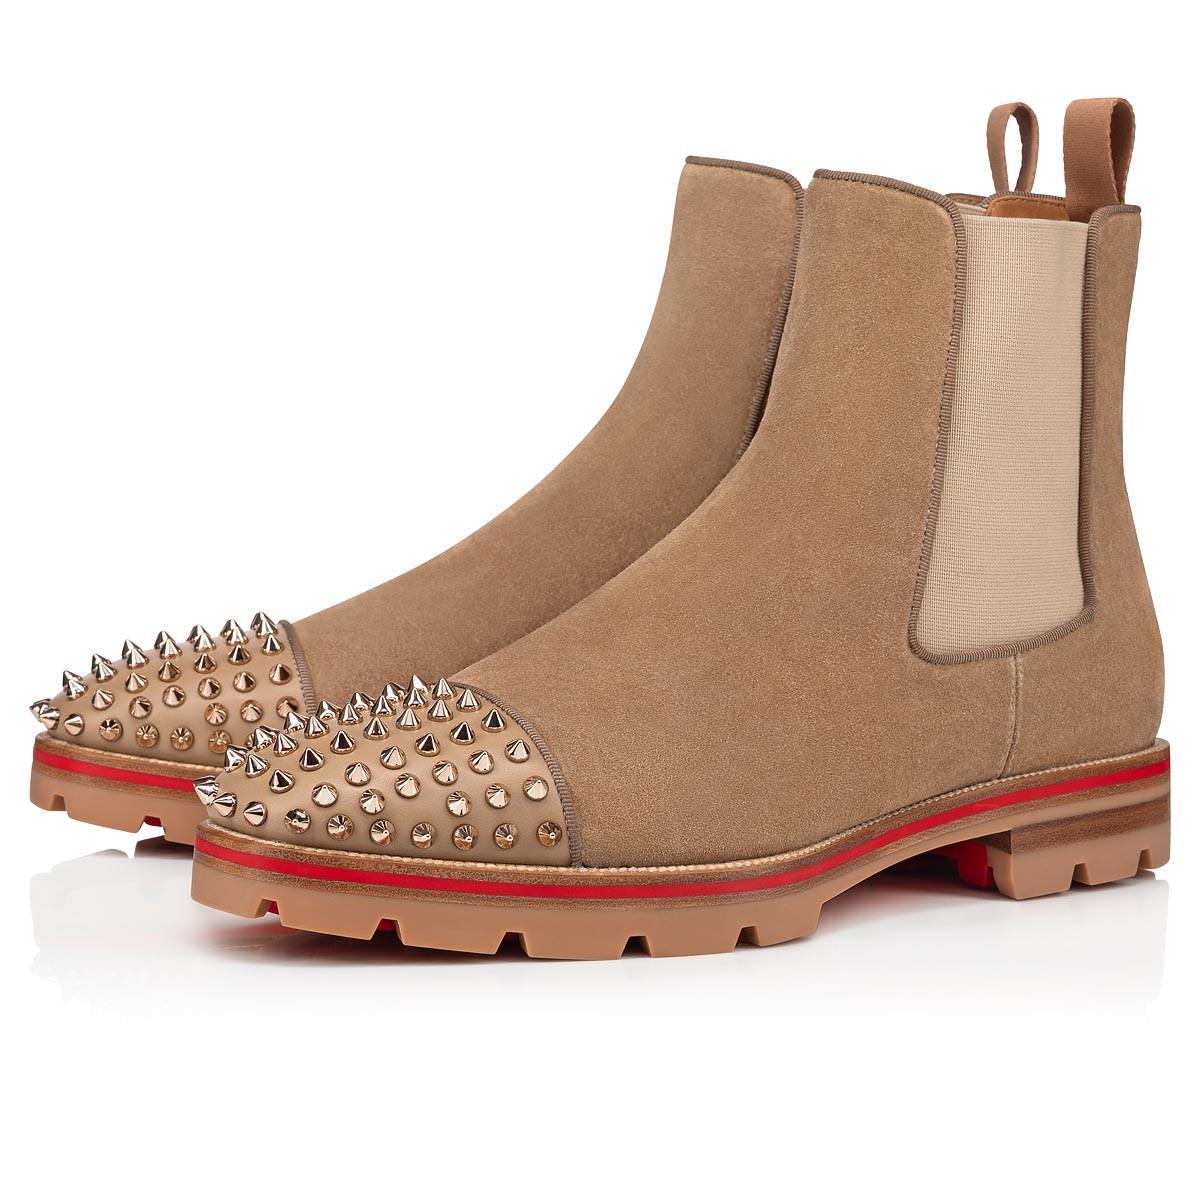 Классический дизайн мужчин сапоги красные дна мужская лодыжка ботинок дыня шипы повседневная ботинок, тонкие кожаные туфли красные подошвы толстые выступы подошвы модные дыни